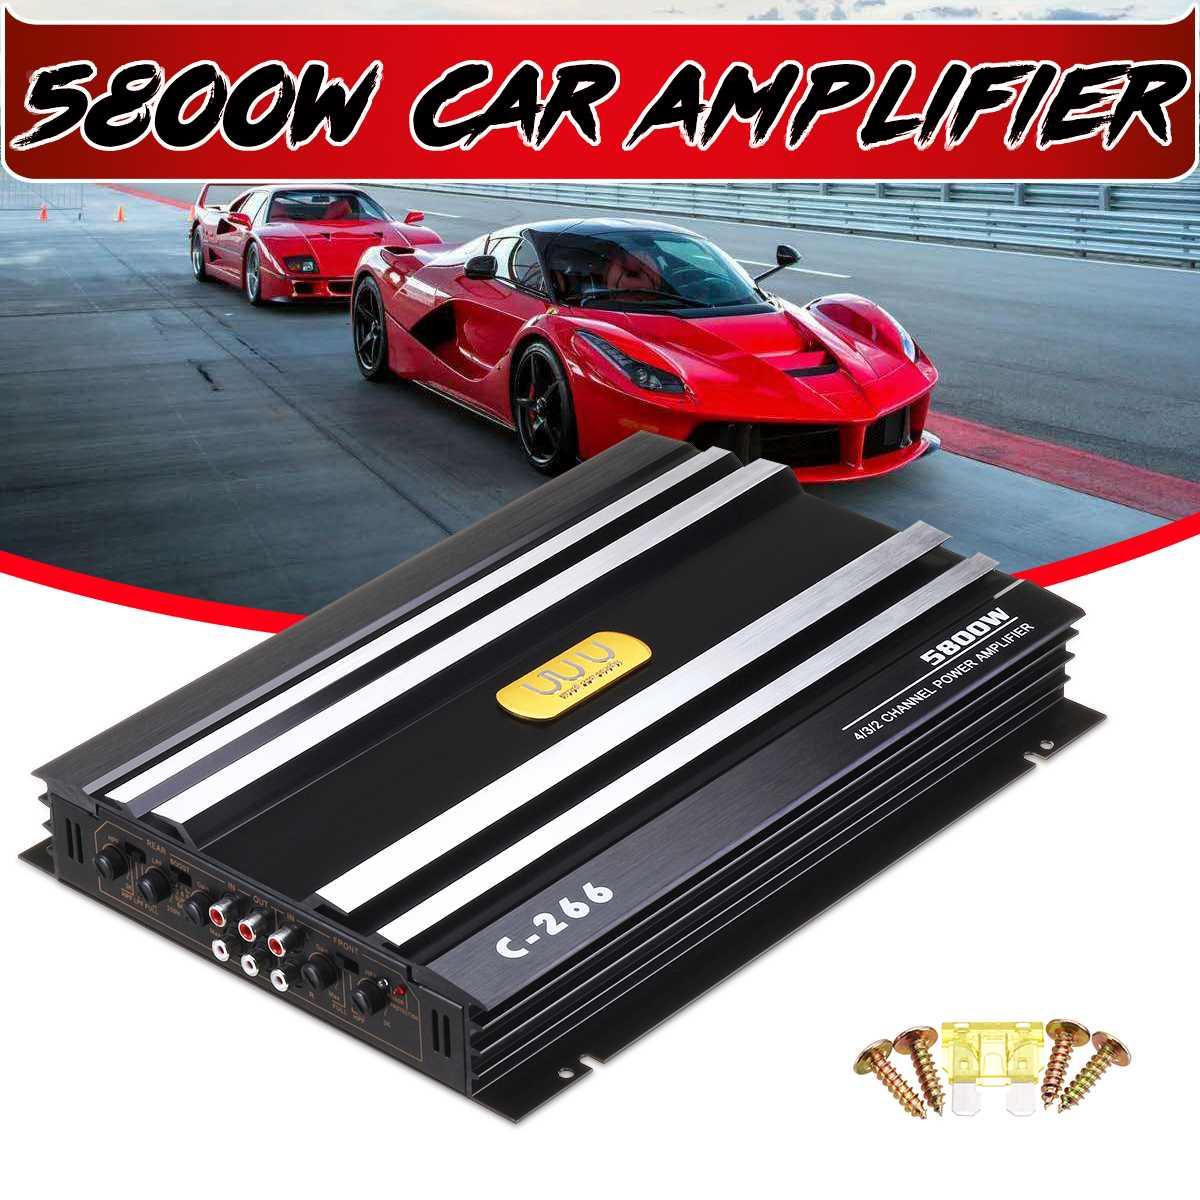 DC 12V 5800 Watt 4-Channel Car Amplifier Audio Stereo Bass Speaker Car Audio Amplifiers Subwoofer Car Audio Amplifiers